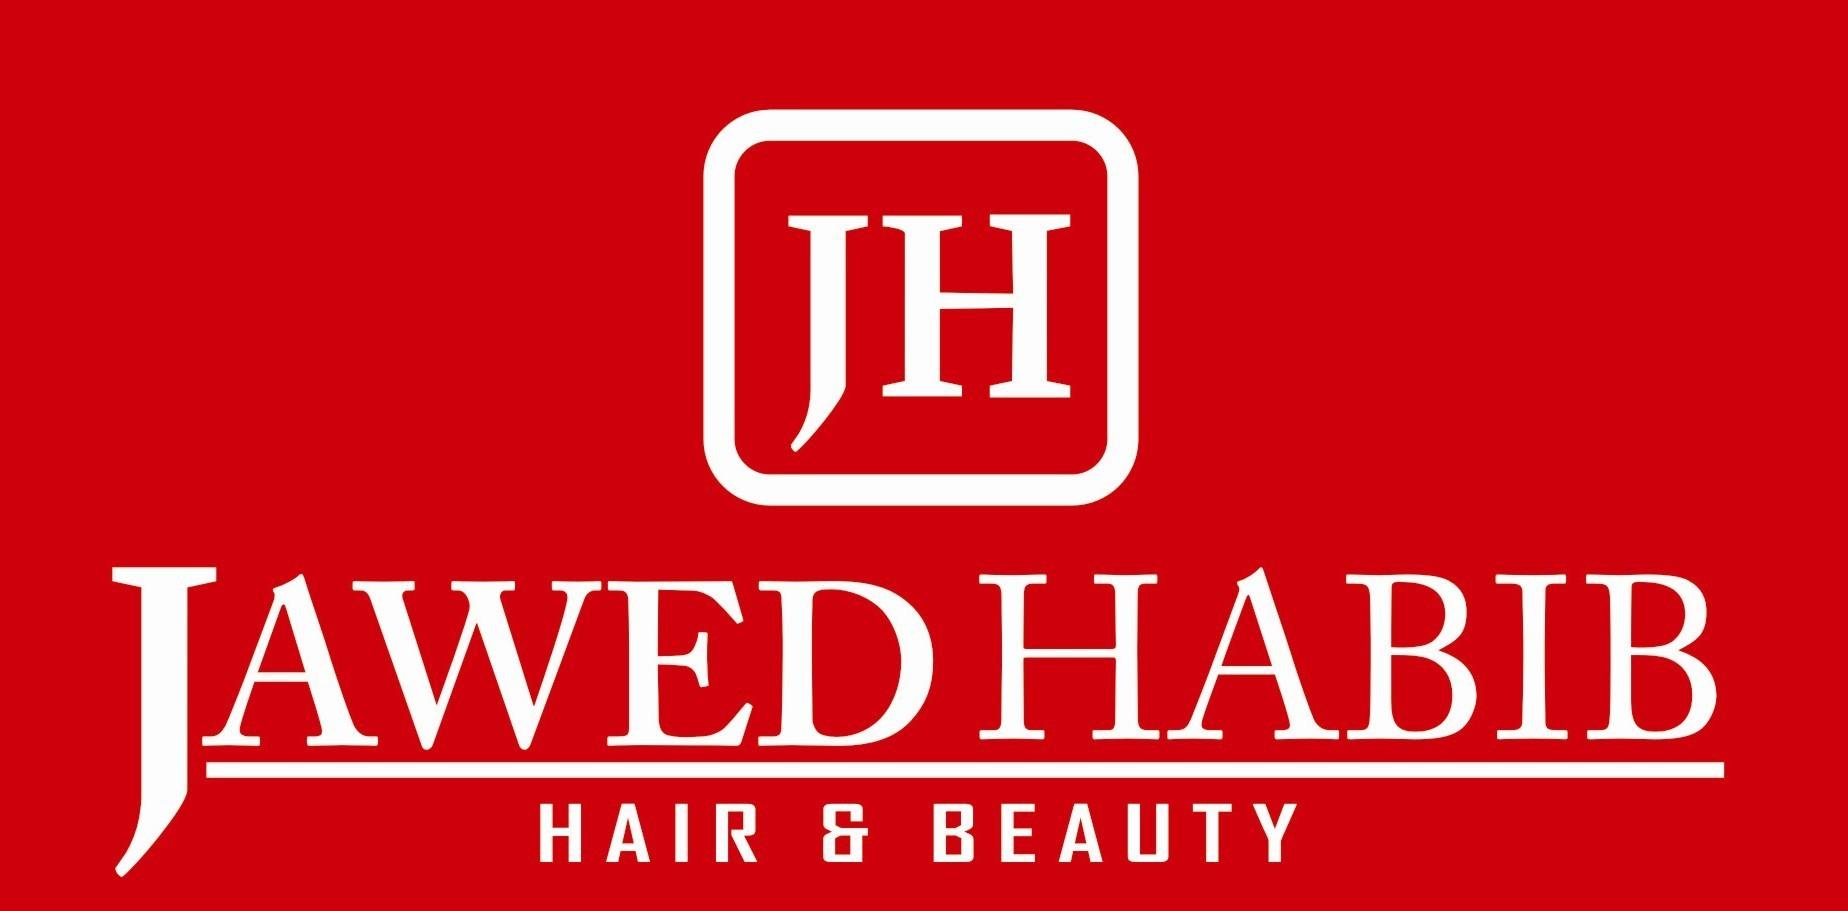 Jawed Habib Hair & Beauty Salons - Golghar - Gorakhpur Image